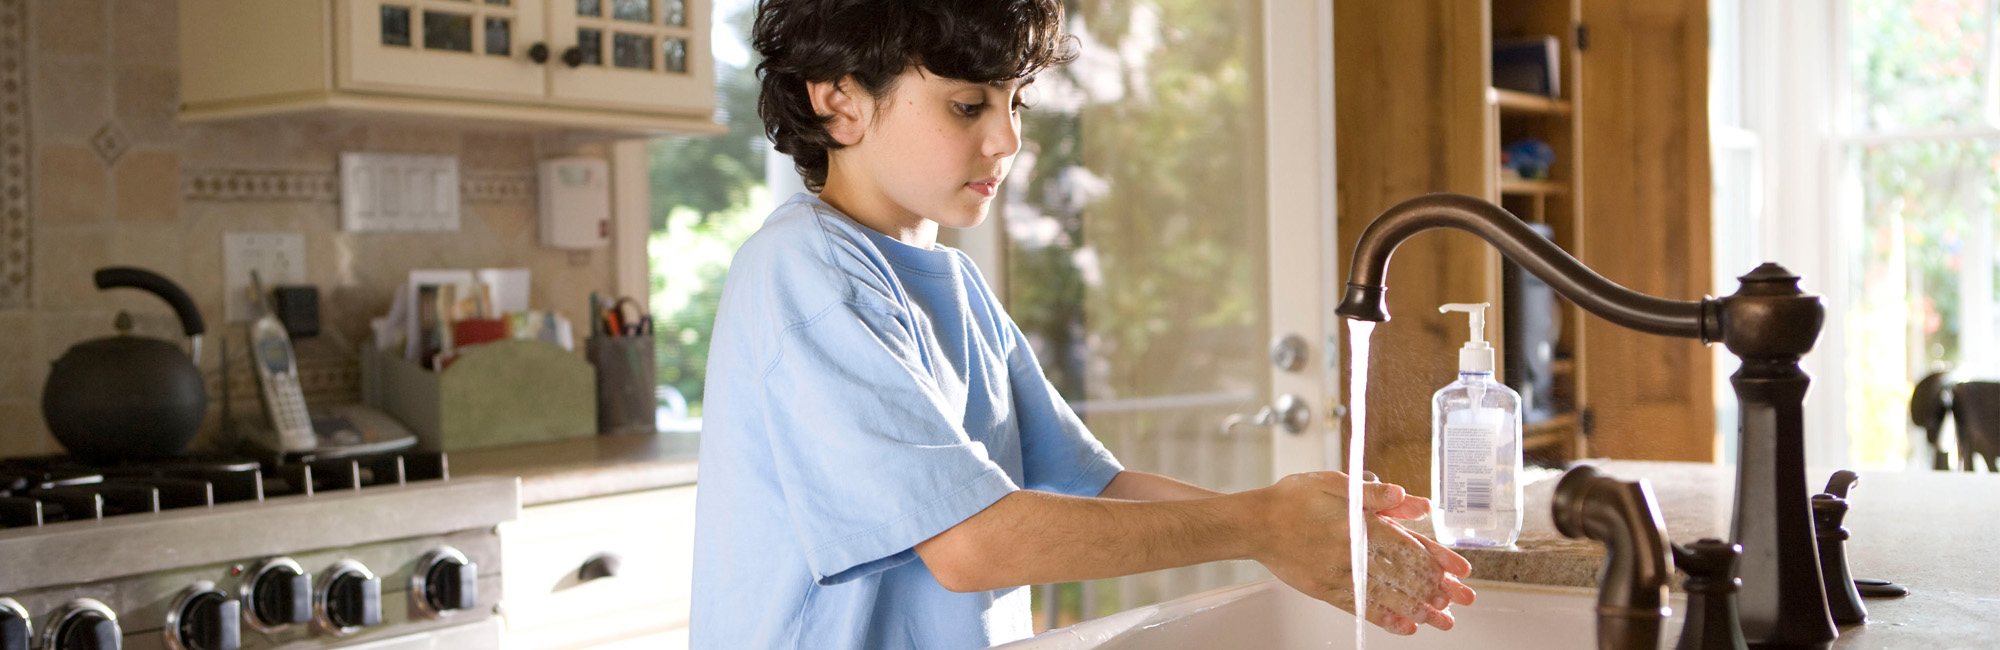 Boy washes hands.